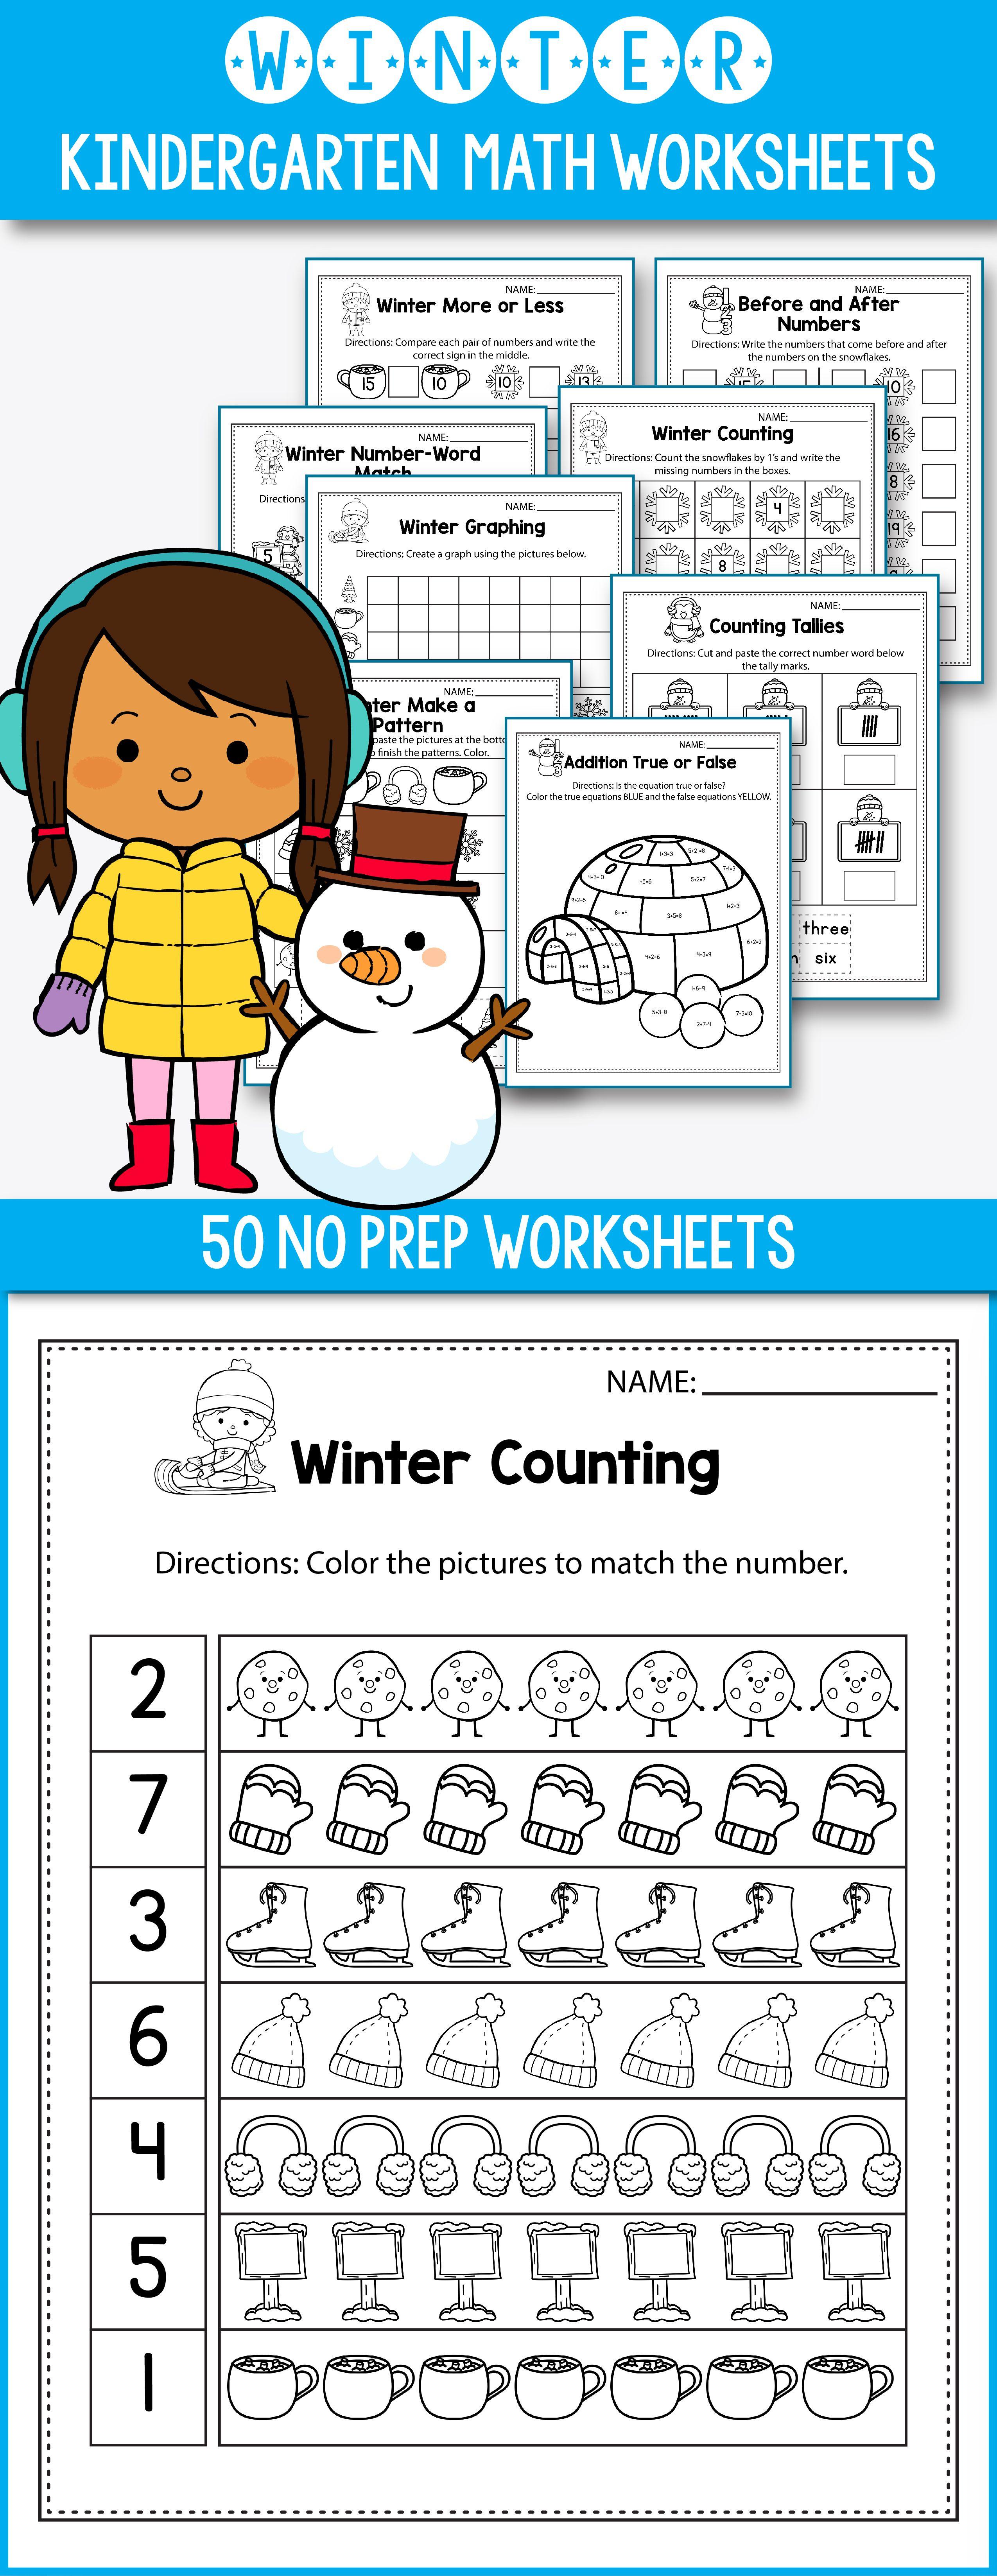 Winter Activities For Kindergarten Math No Prep Winter Worksheets Perfect For Preschool Kin Kindergarten Activities Kindergarten Resources Math Activities [ 6588 x 2550 Pixel ]